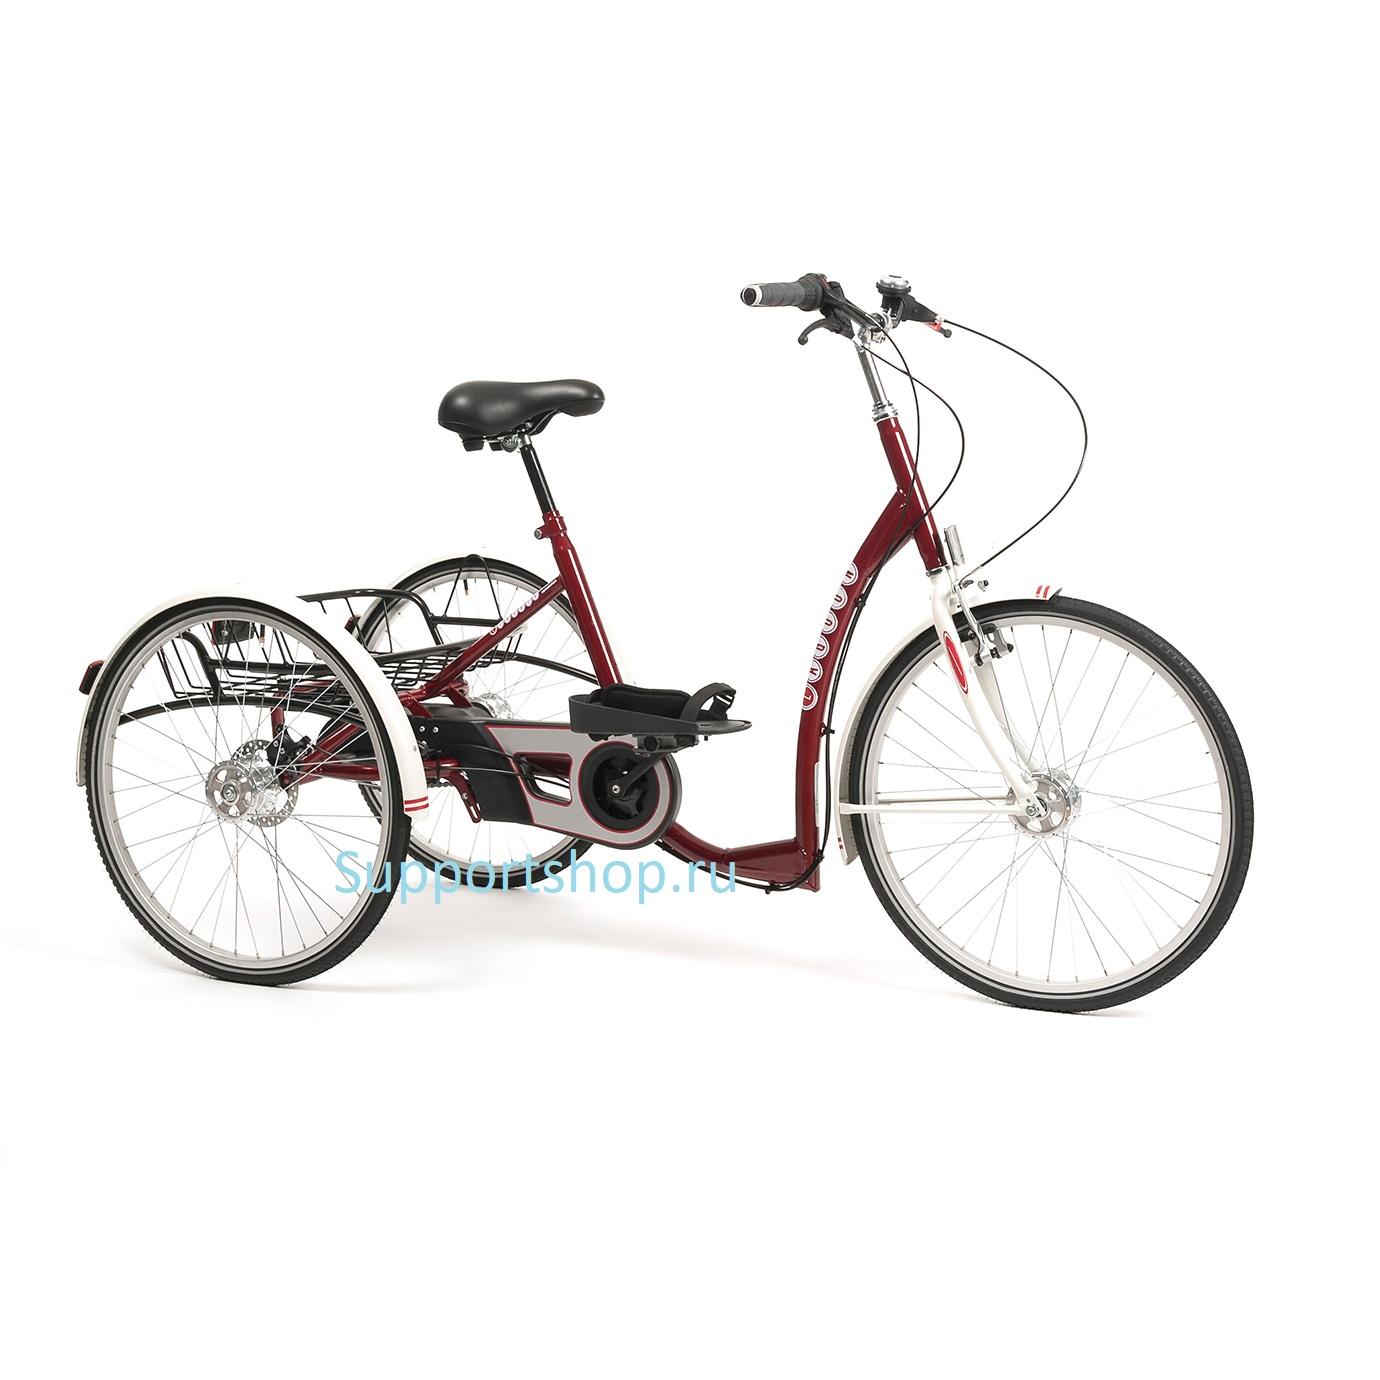 Велосипед для реабилитации Vermeiren Liberty